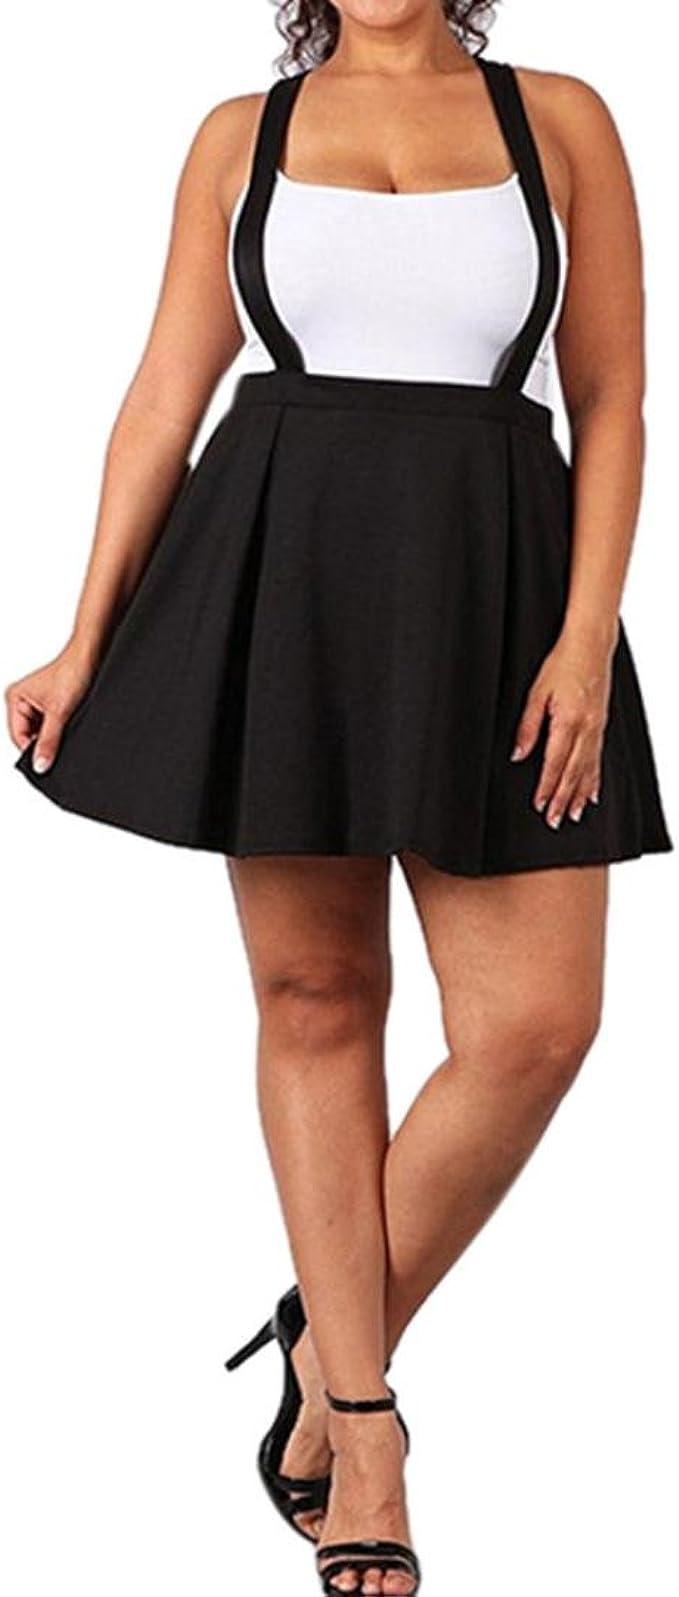 Damen Kleider, GJKK Damen Schwarz Übergröße Lose Strap Pure Farbe Short  Mini Rock Minikleid Kurz Ballkleid Skaterkleid Partykleider